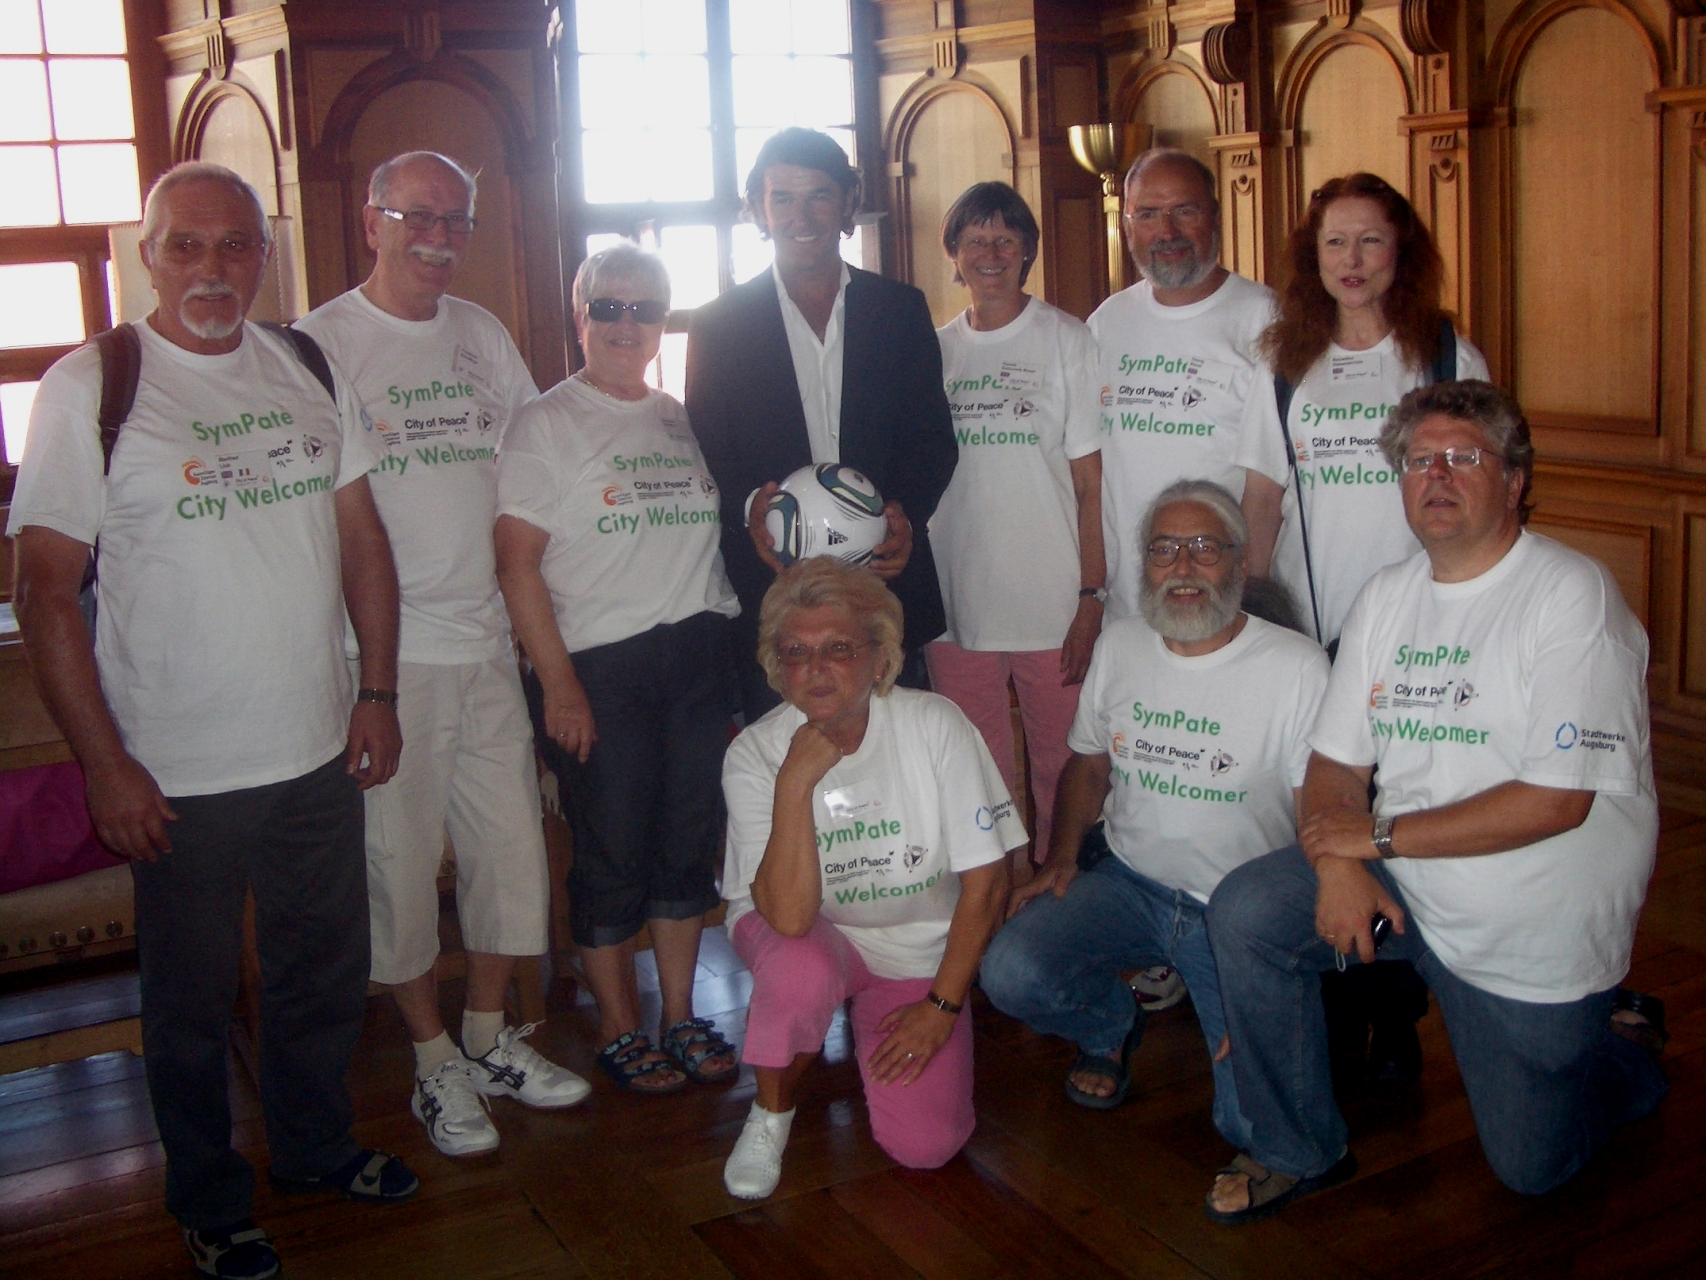 SymPaten - City Welcomers 2011 - Empfang im Fürstenzimmer Rathaus für Karl-Heinz Riedle - Foto: Wolfgang F. Lightmaster - Freiwilligen-Zentrum Augsburg